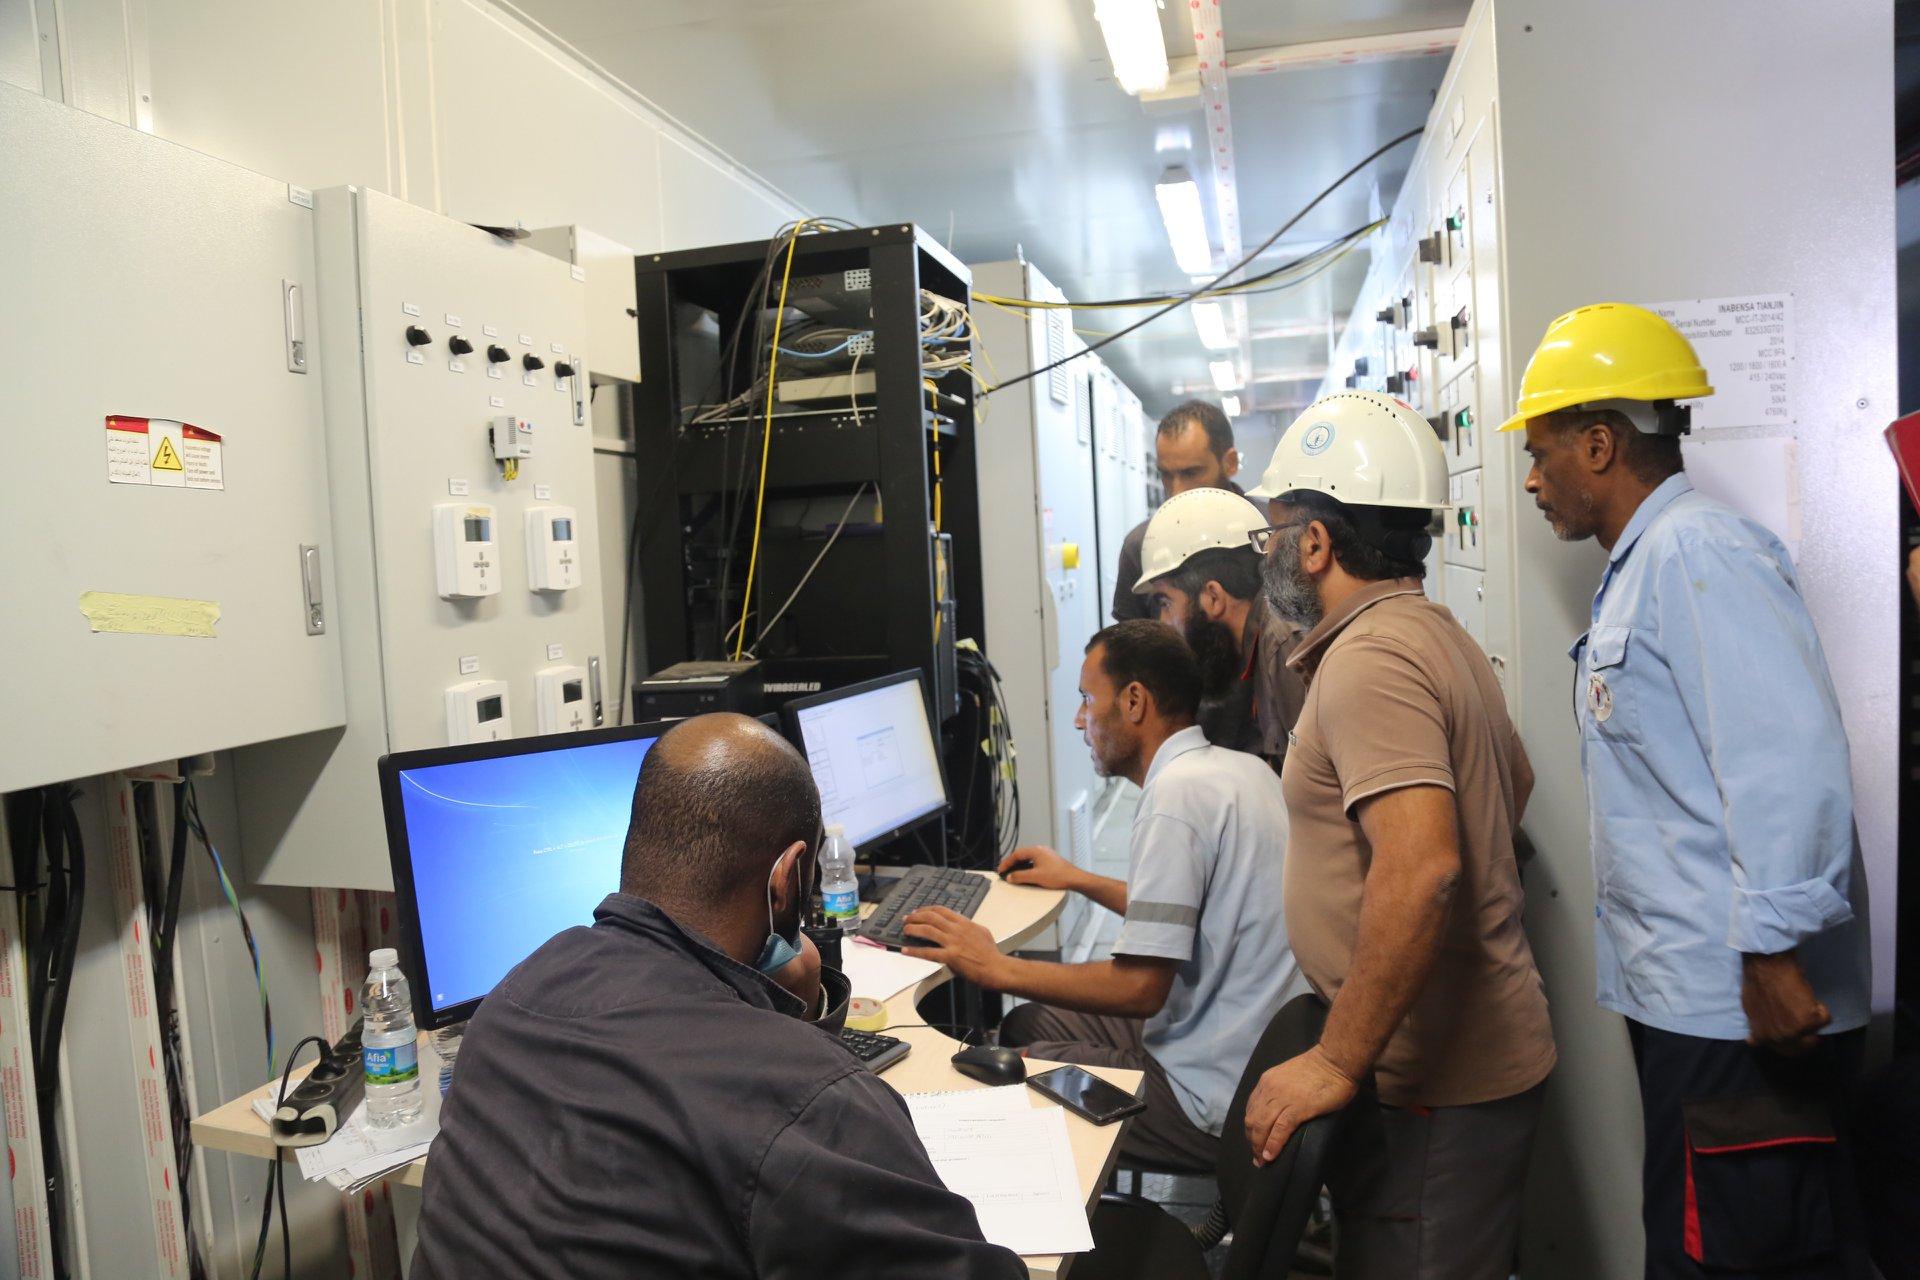 الشركة العامة للكهرباء تعلن دخول المحطة الأولى الخمس للتشغيل اليوم